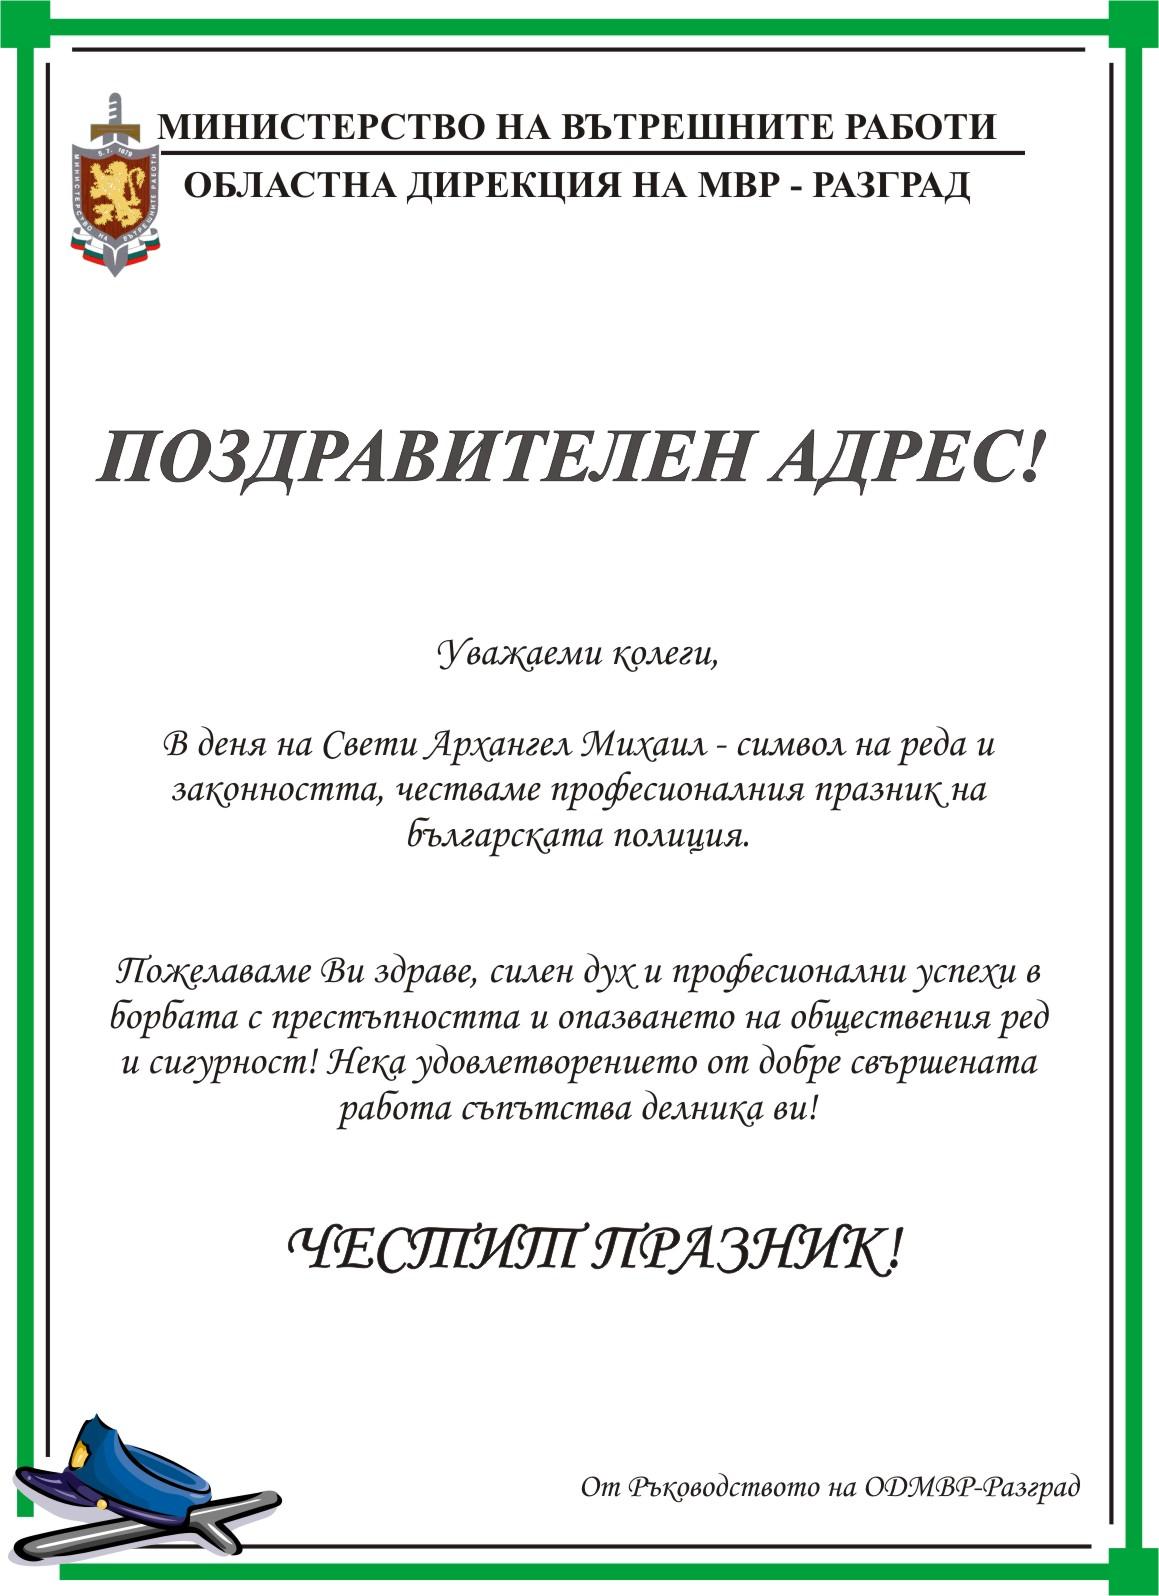 Разградските полицаи отбелязаха своя професионален п� ...